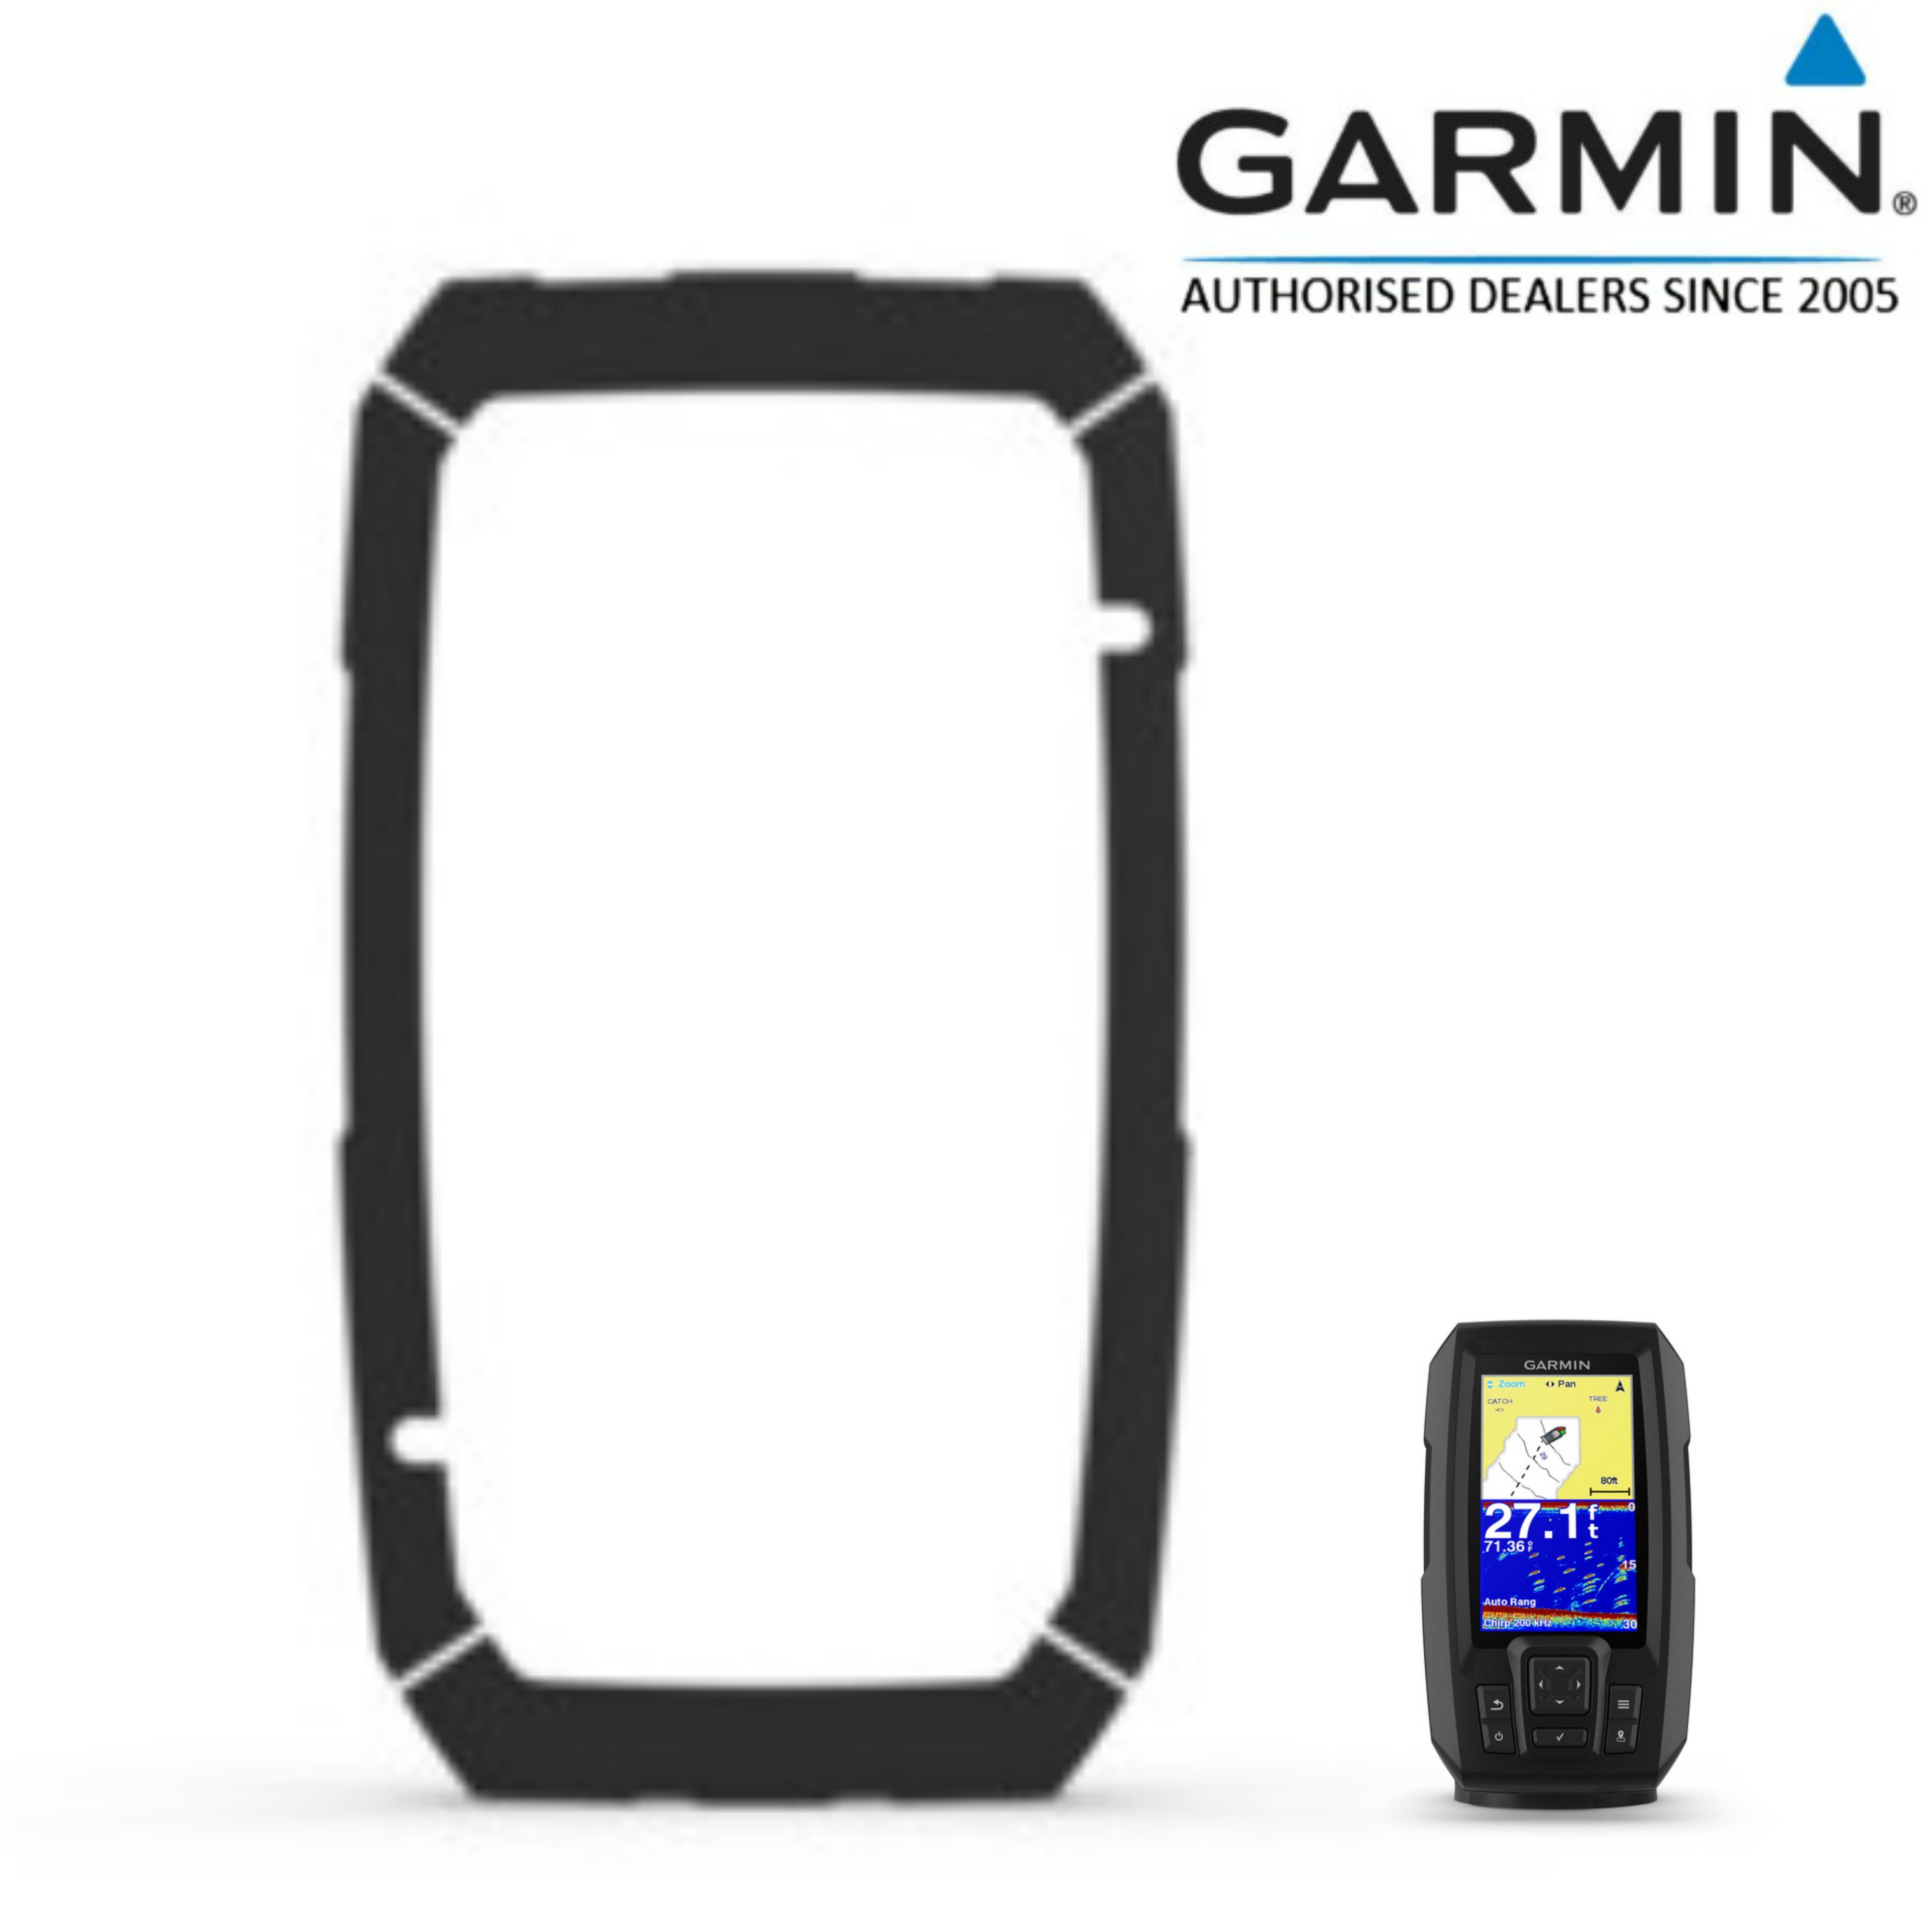 Garmin Flush Mount Kit for STRIKER+ 4/4cv Easy Install Use Marine Device 010-12440-10